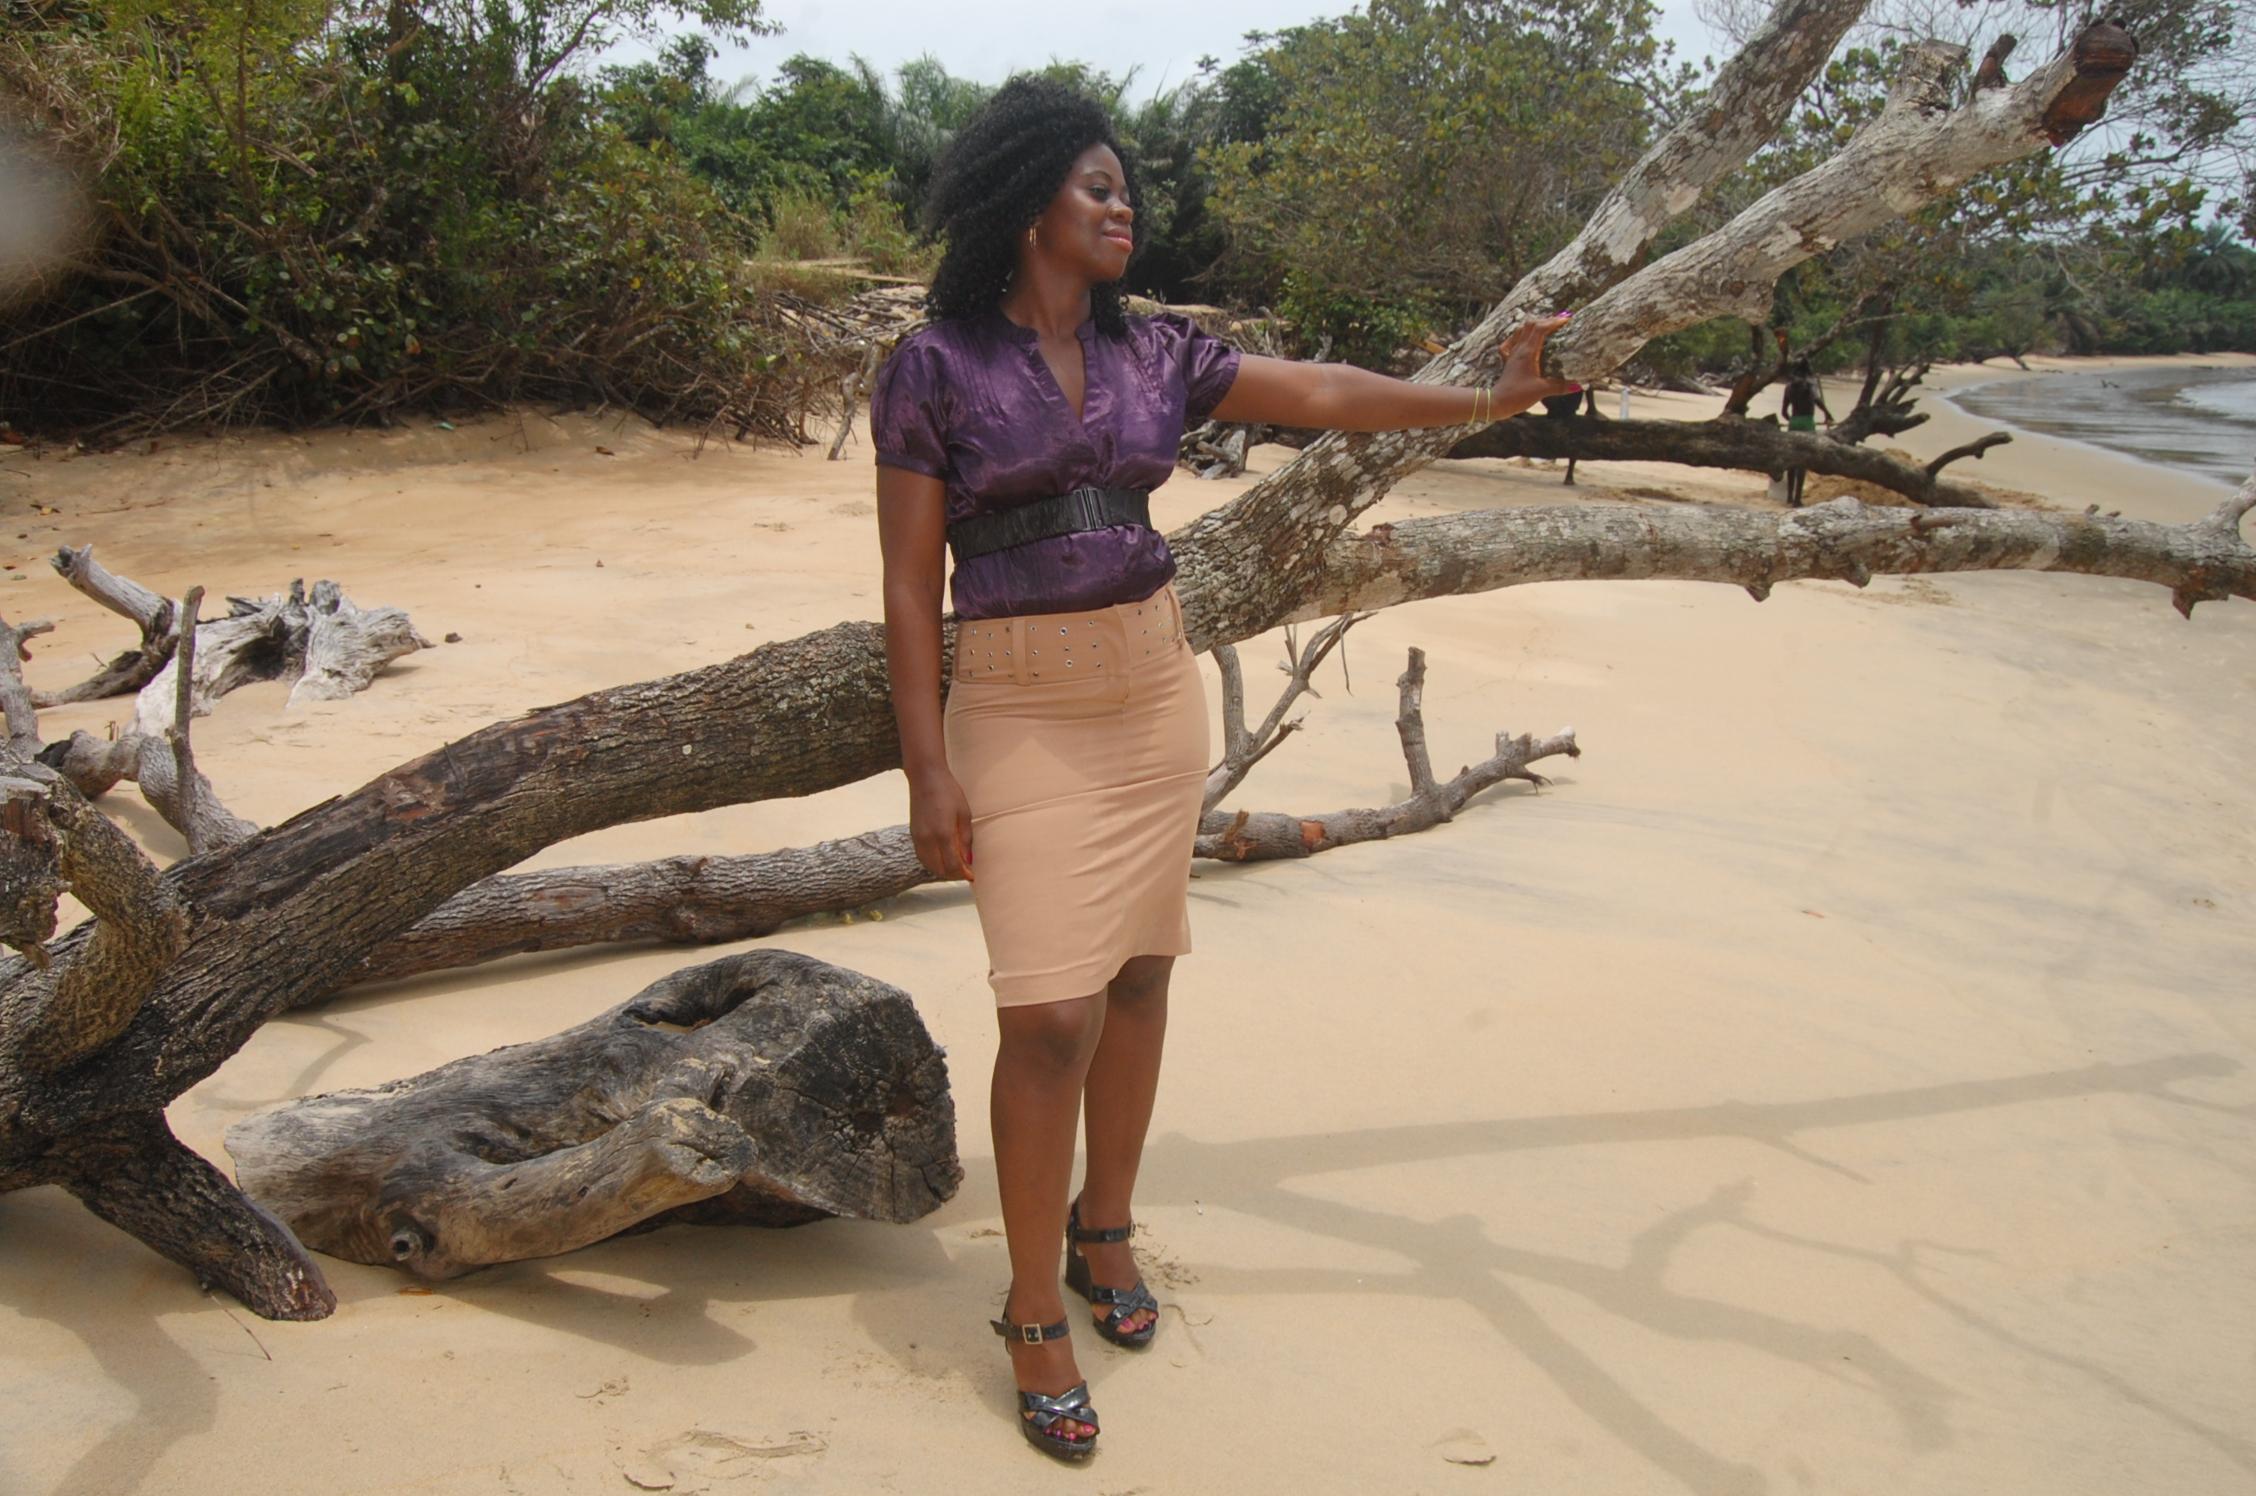 voyage rencontrer célibataire afrique